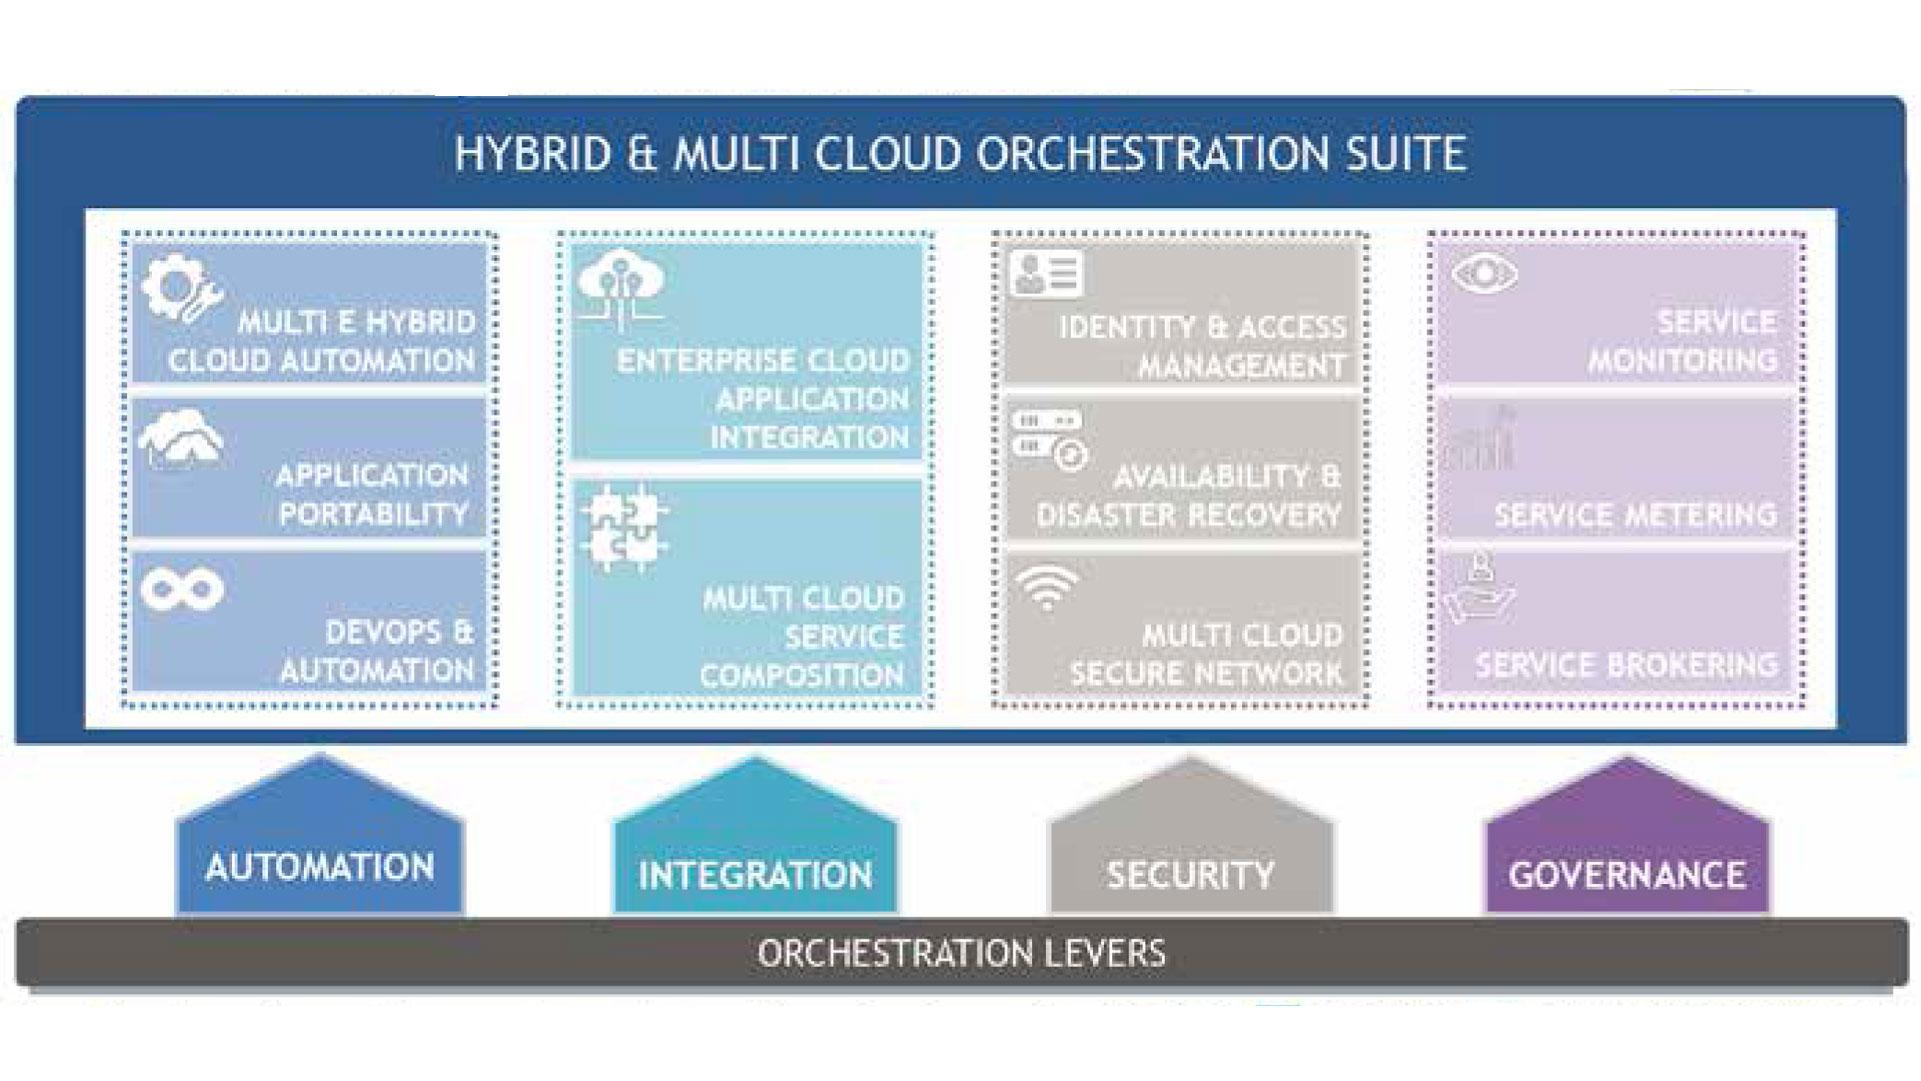 schema di Un modello di orchestrazione multi cloud